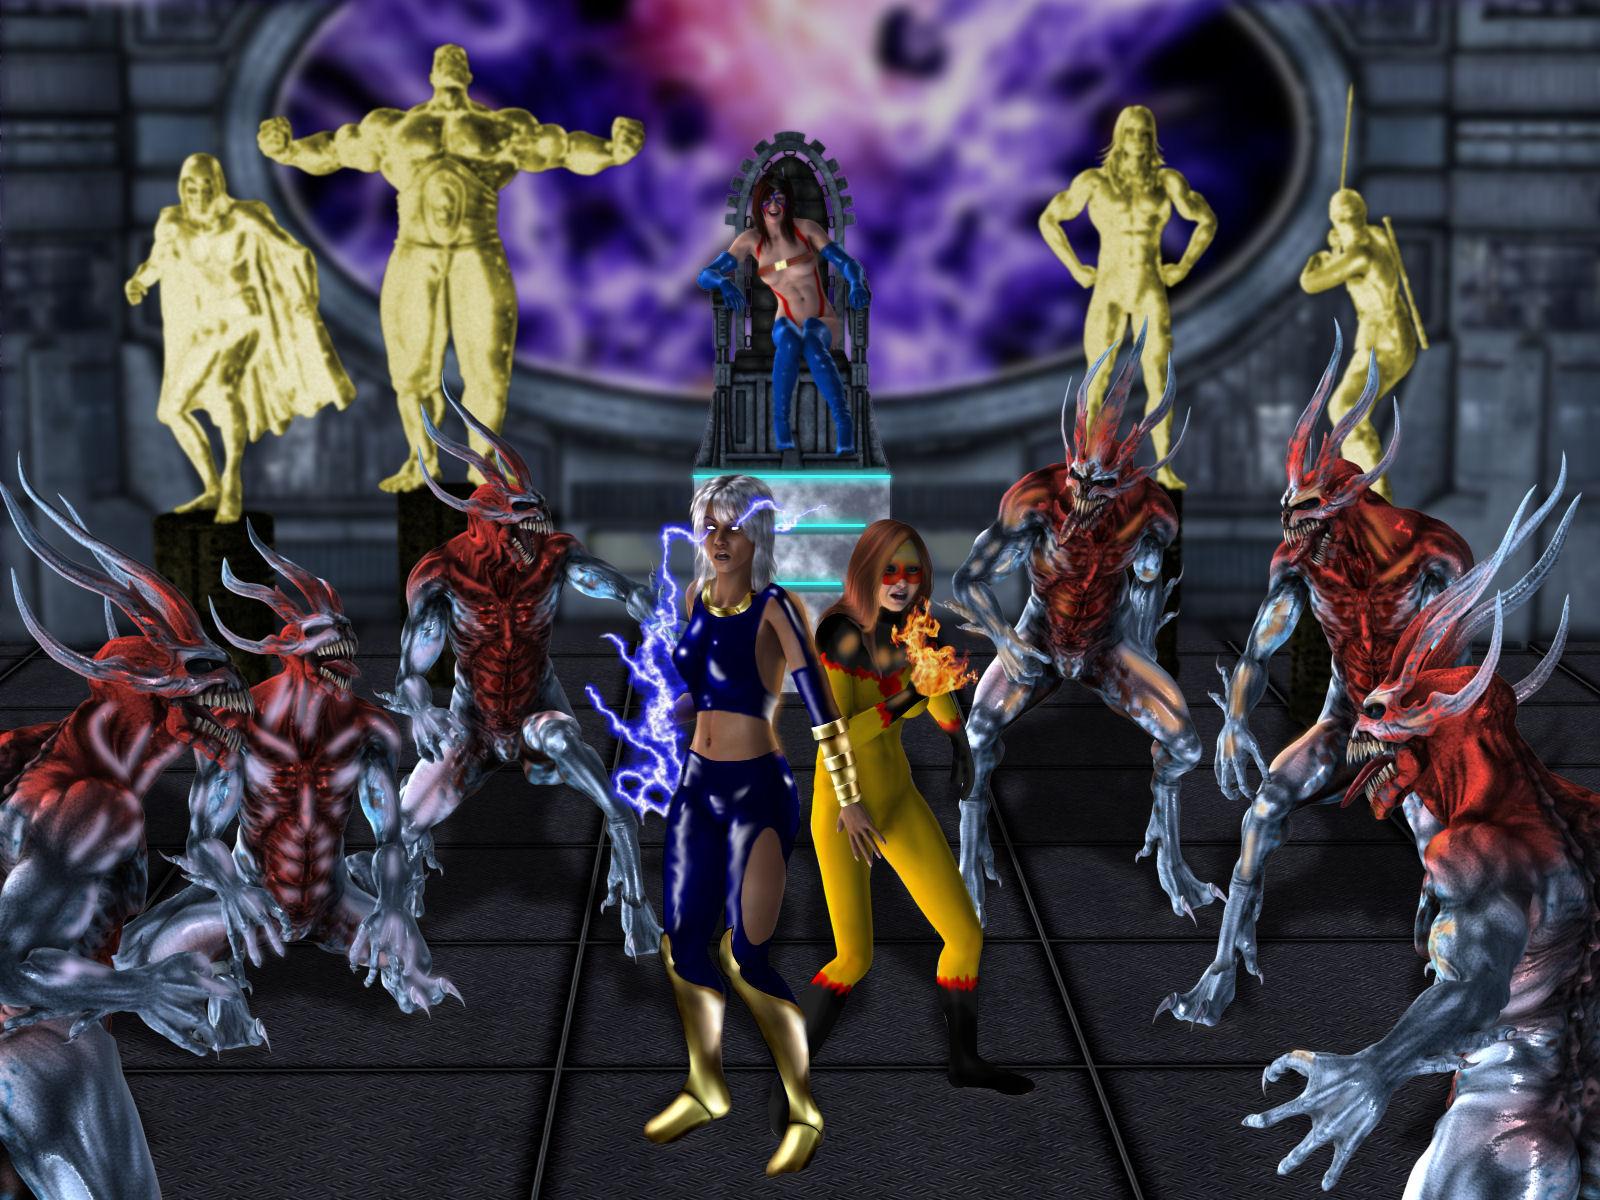 Heroes in Peril by DarkWanderer and Tartaninja